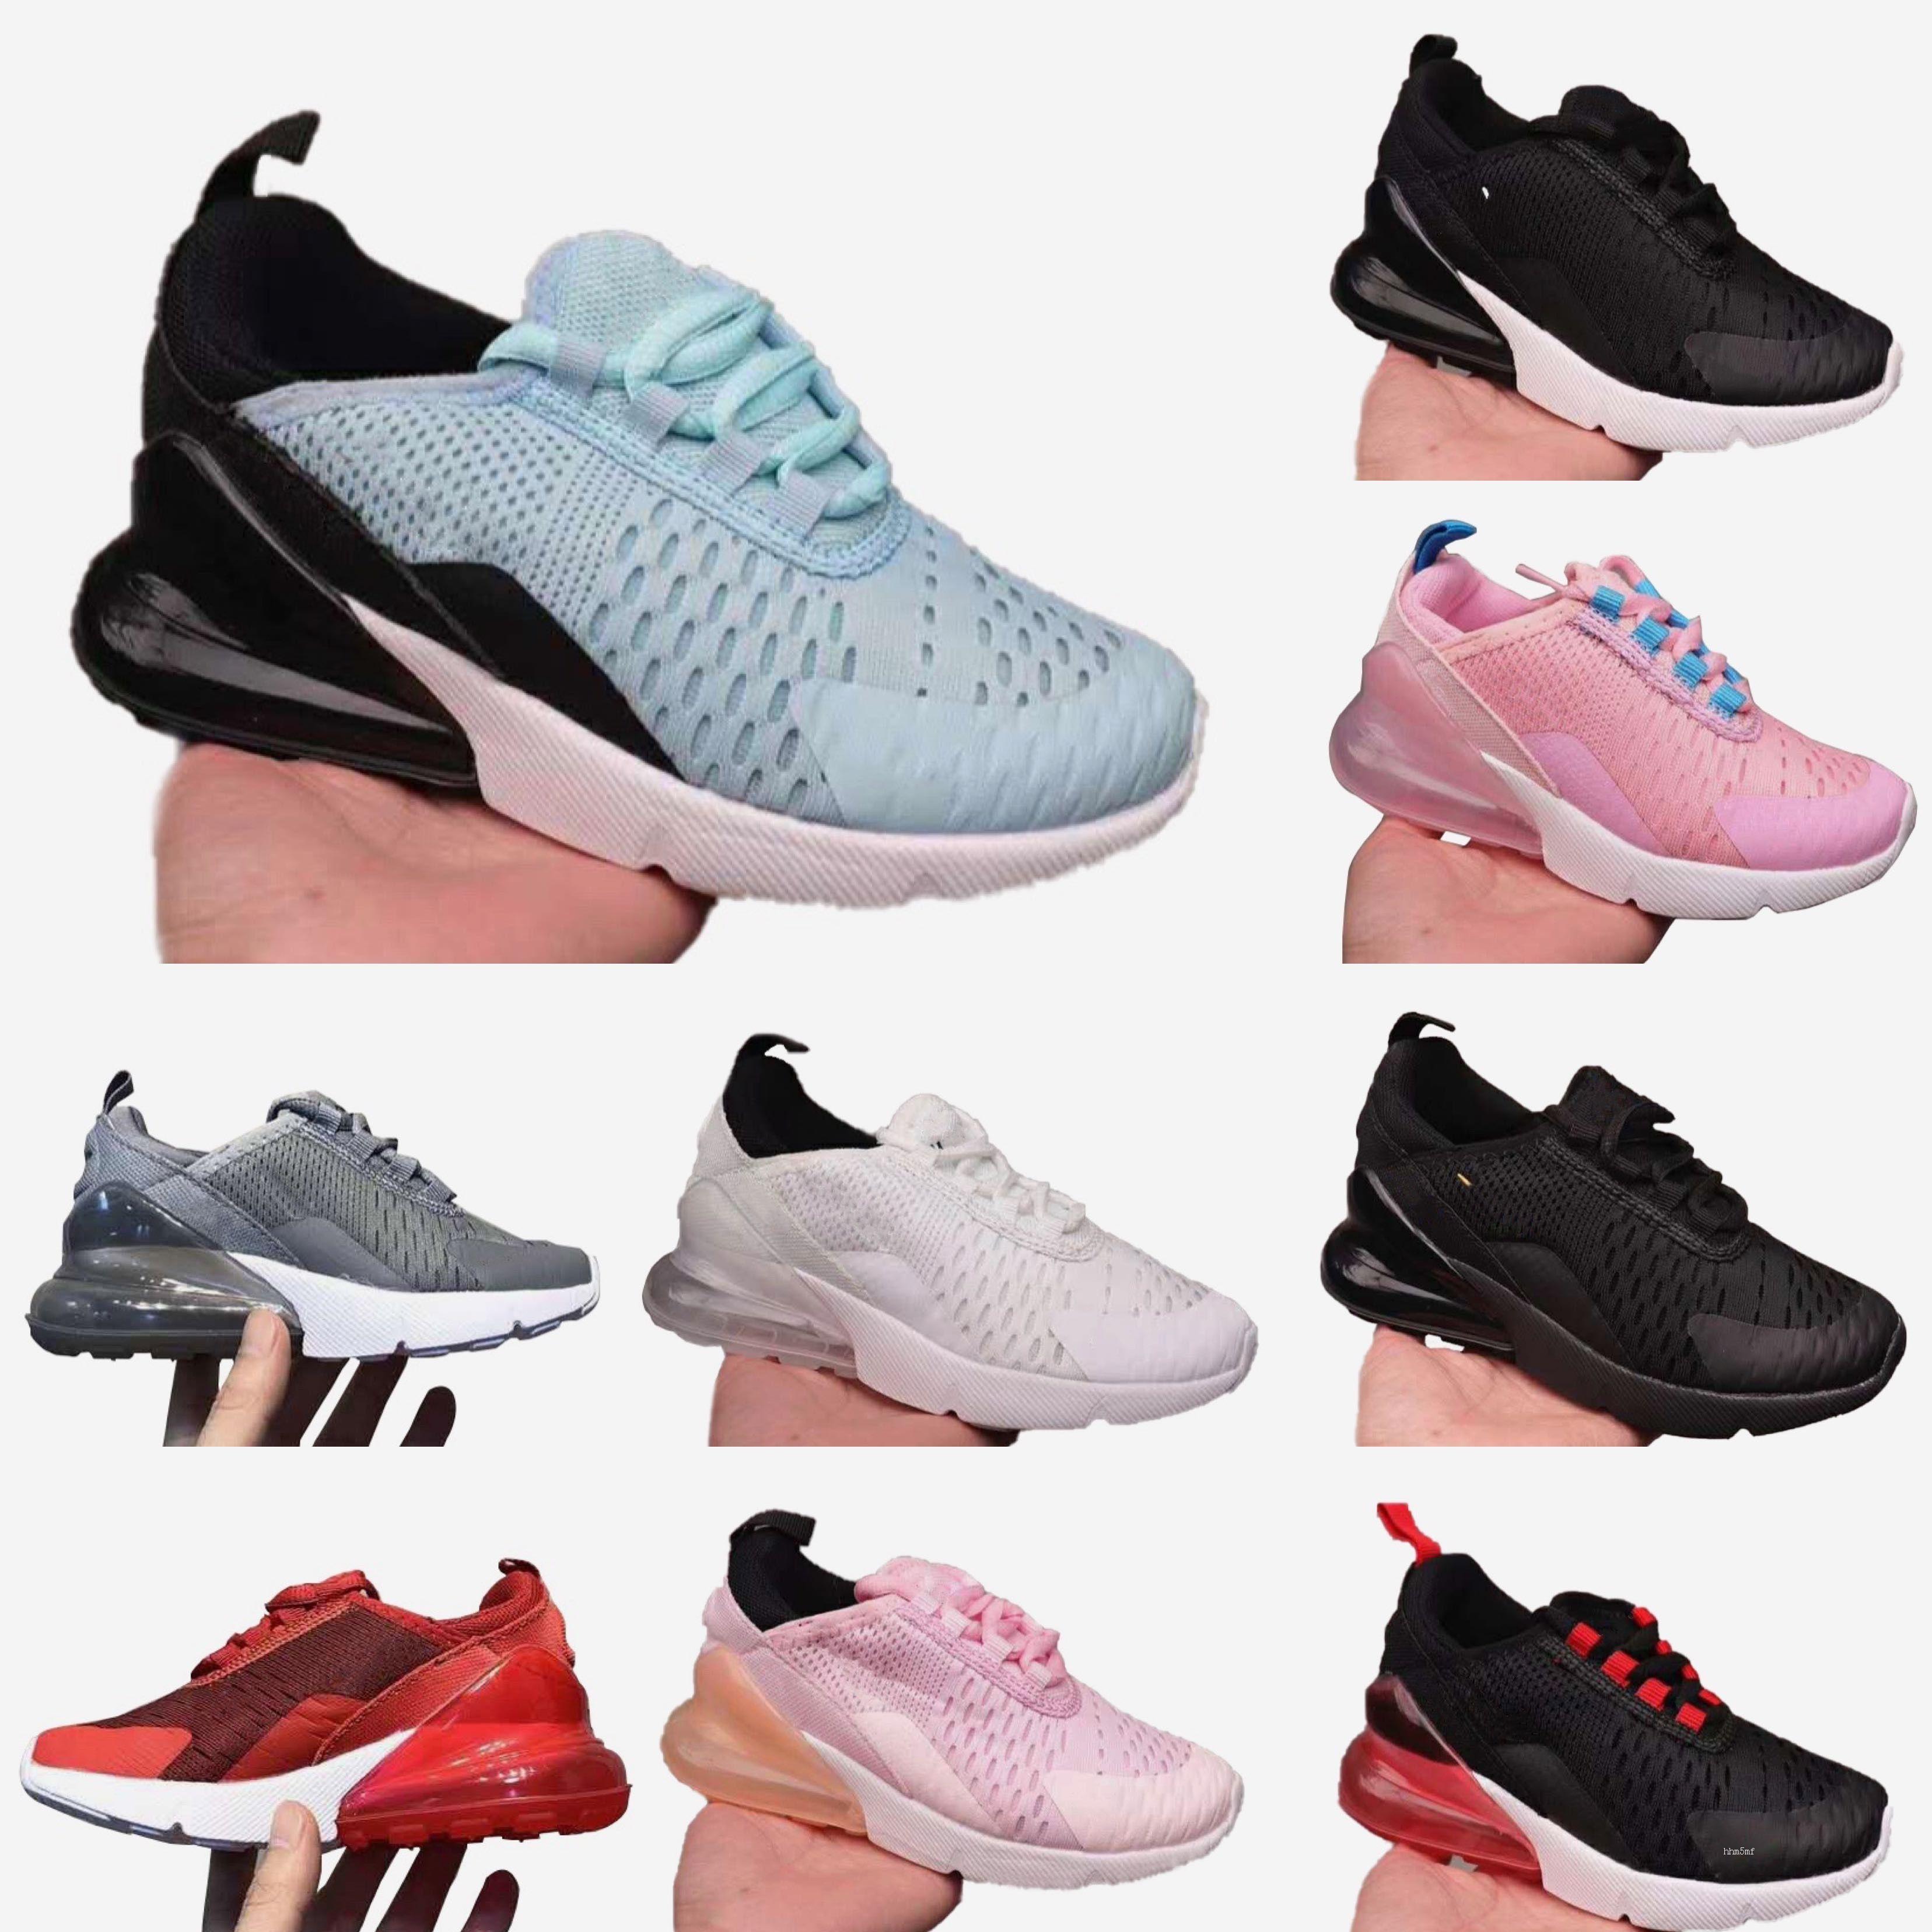 Nike air max 270 Automne Enfants Sport gris violet rose Casual Sneaker Garçons Filles entraîneur de noix de coco Mesh respirant Chaussures enfants taille 22-35